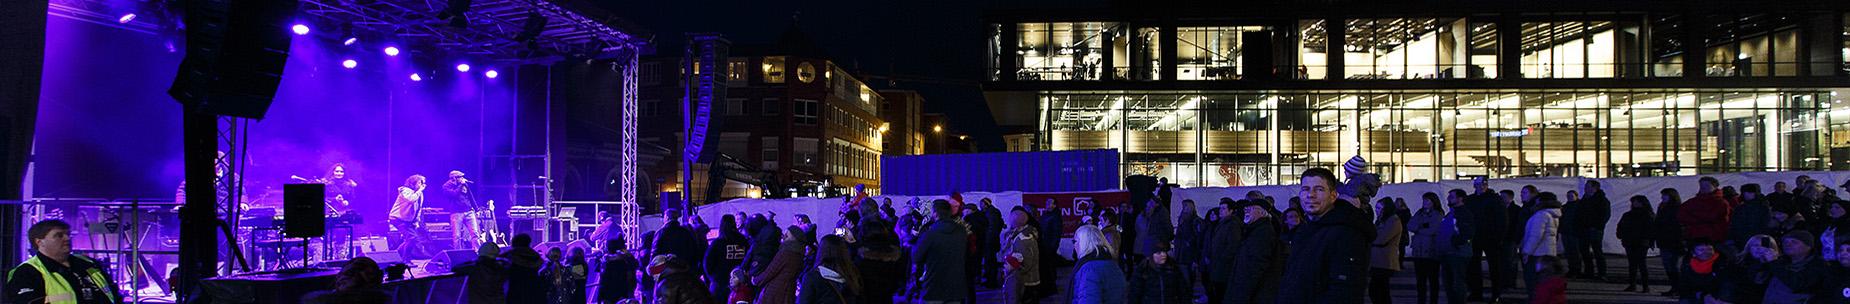 Konsert på Stortorget - foto Kilian Munch